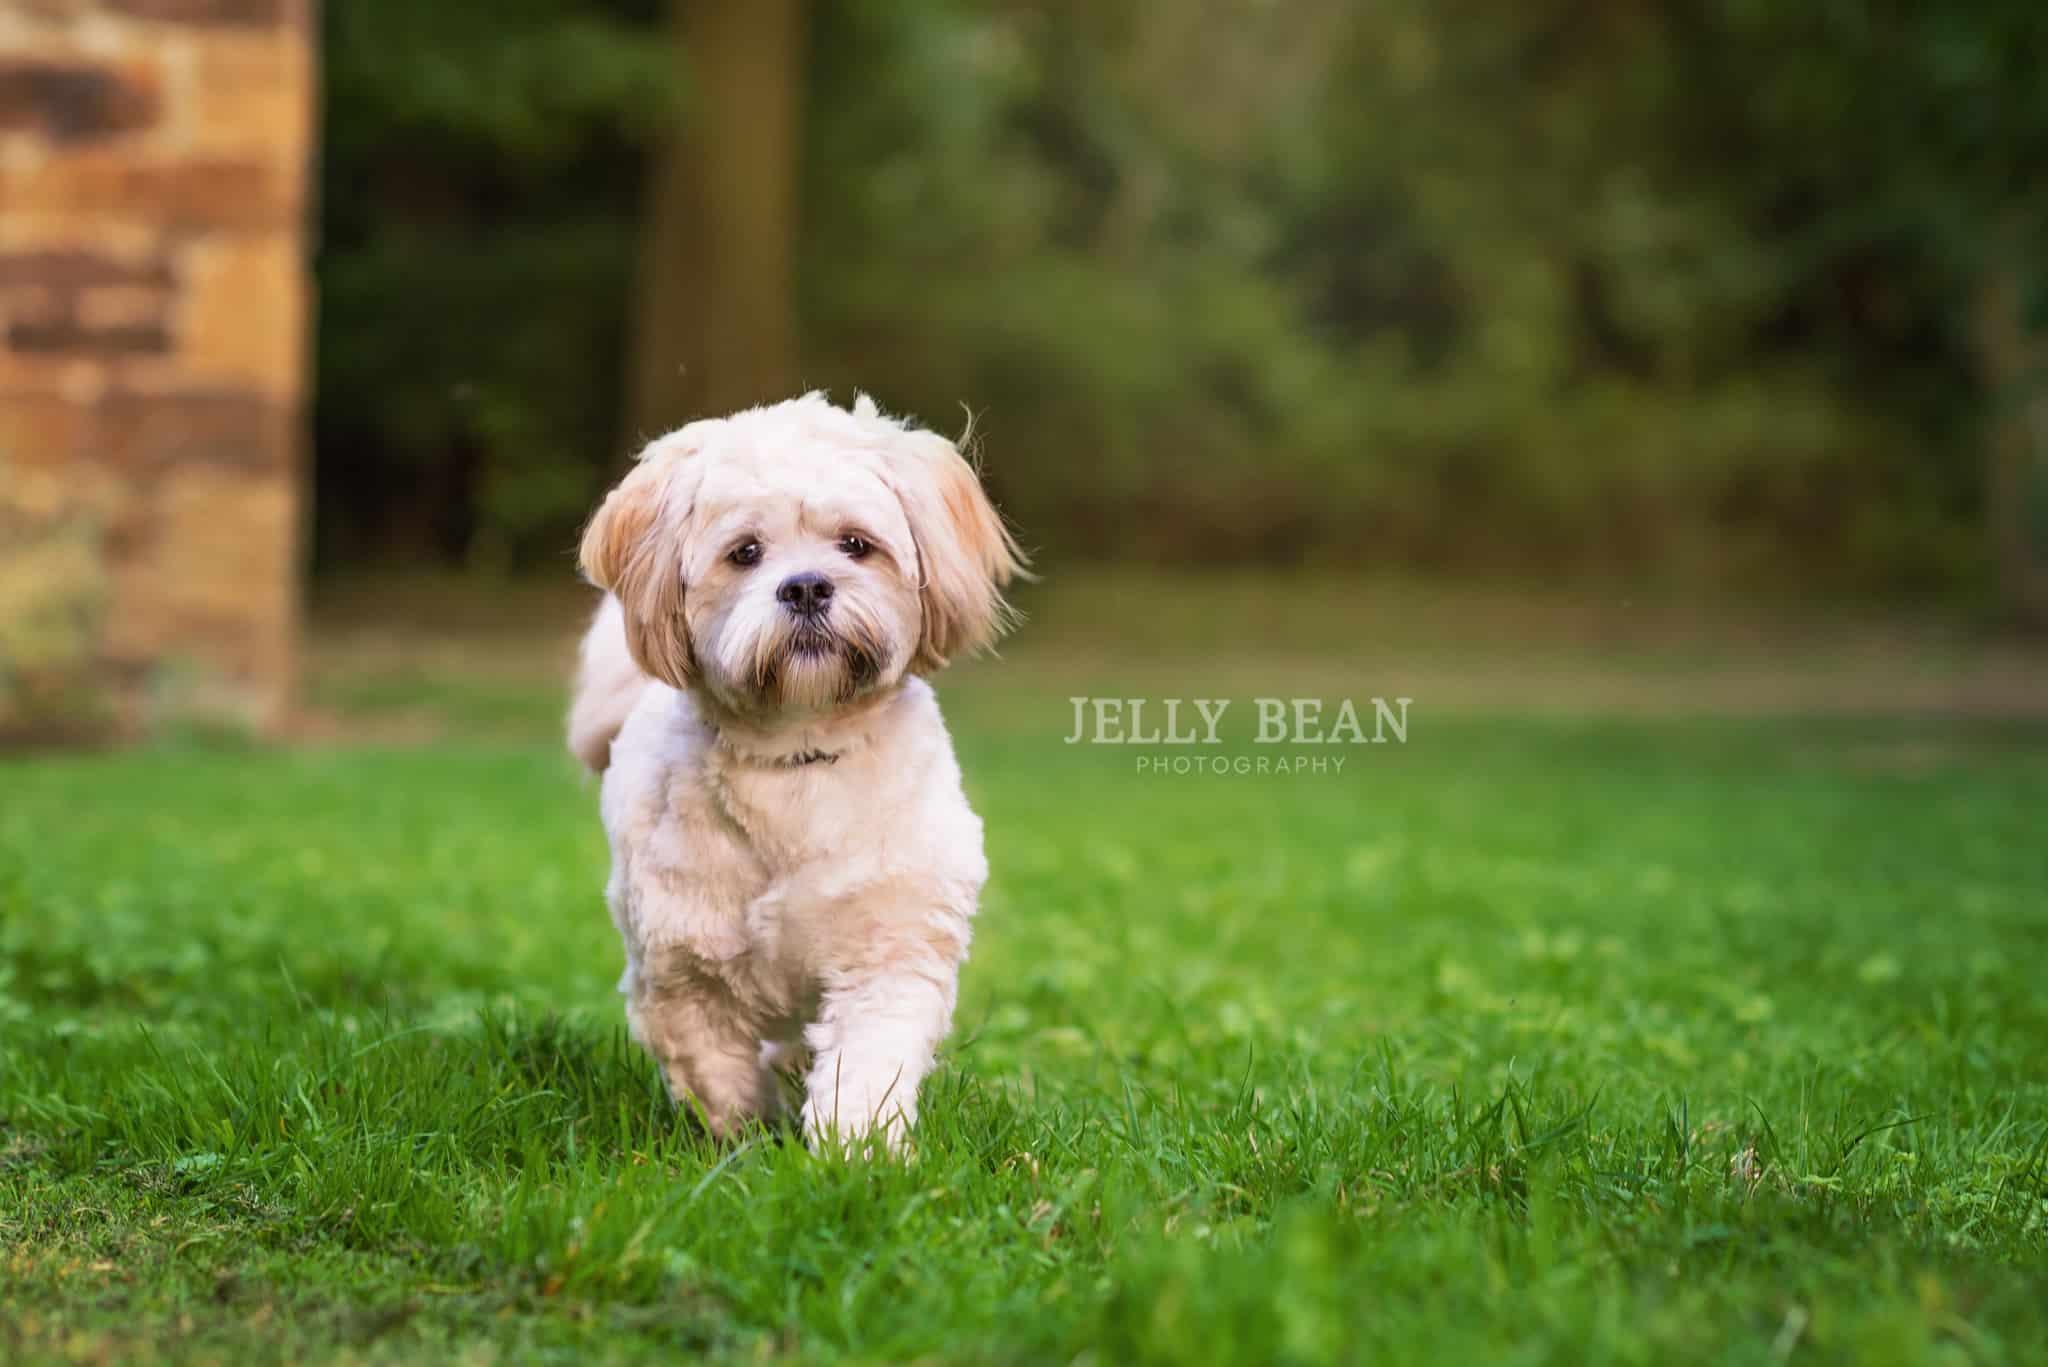 Teddy the puppy